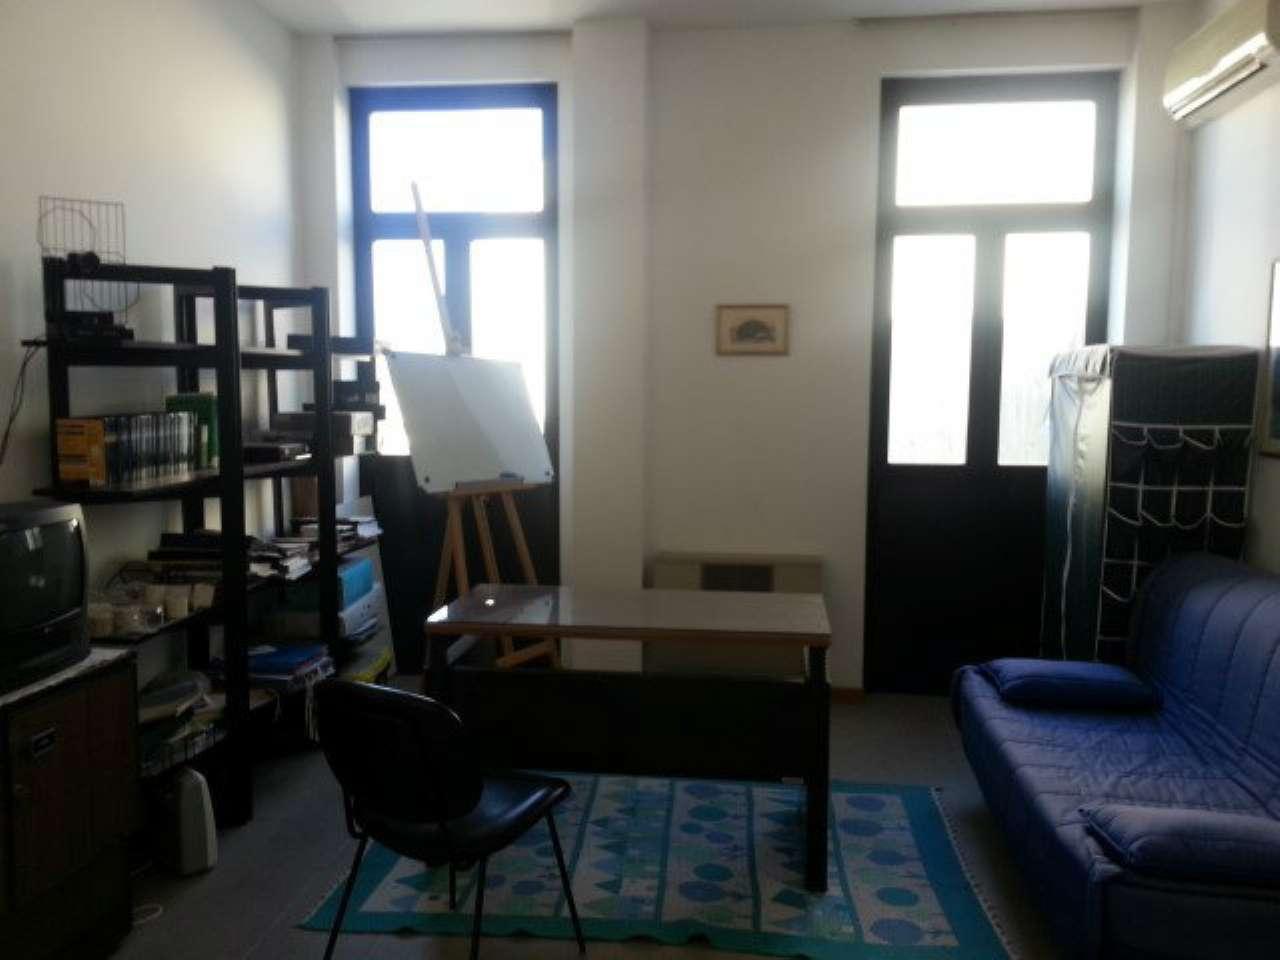 Ufficio / Studio in affitto a Arezzo, 2 locali, prezzo € 400 | CambioCasa.it